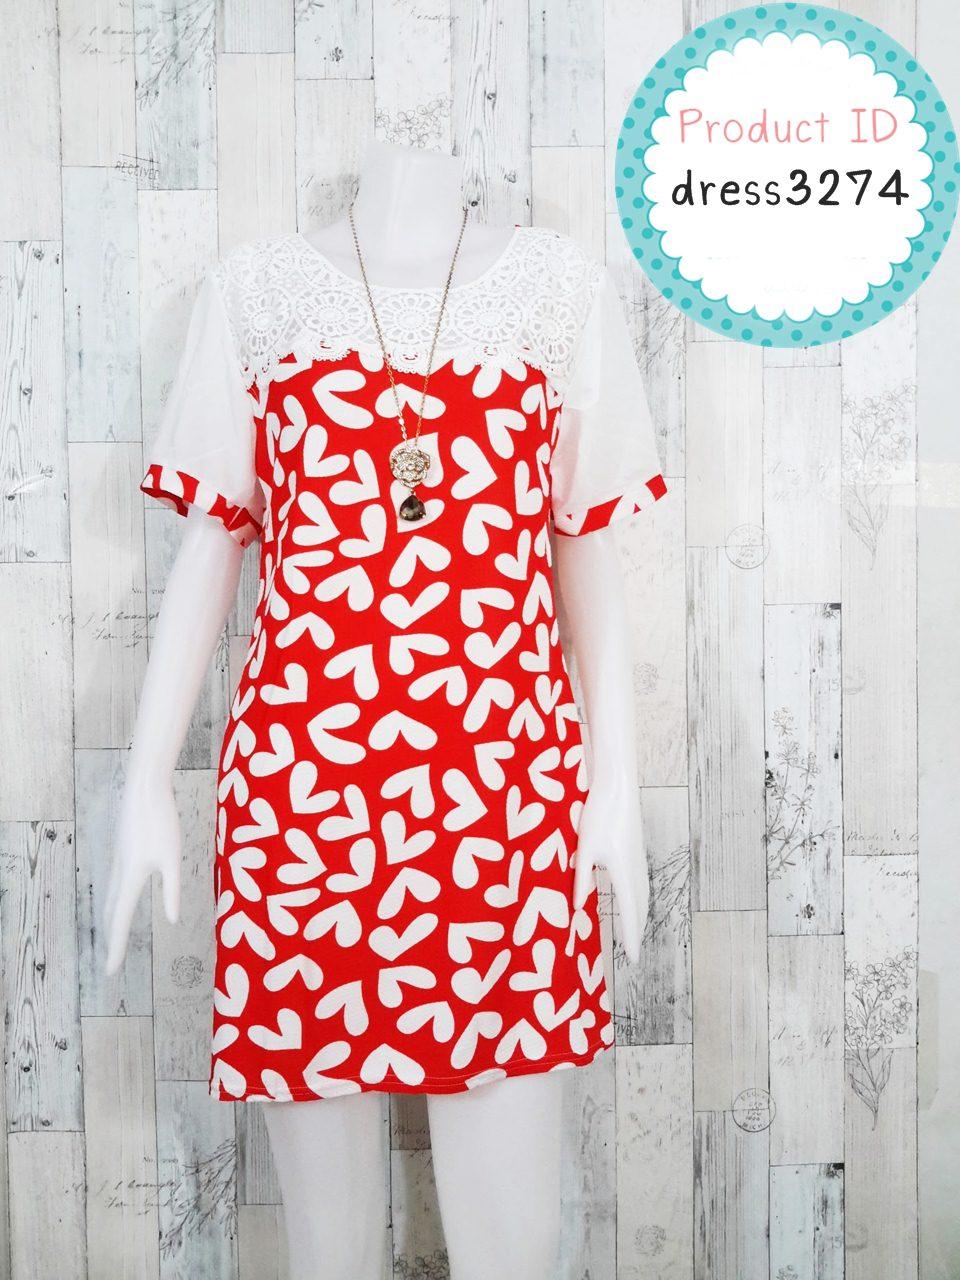 Dress3274 Big Size Dress ชุดเดรสแฟชั่นไซส์ใหญ่ อกลูกไม้ถักสีขาว แขนชีฟอง ผ้าหนังไก่เนื้อนุ่มยืดได้เยอะ ลายหัวใจพื้นสีส้ม รอบอก 40 นิ้ว